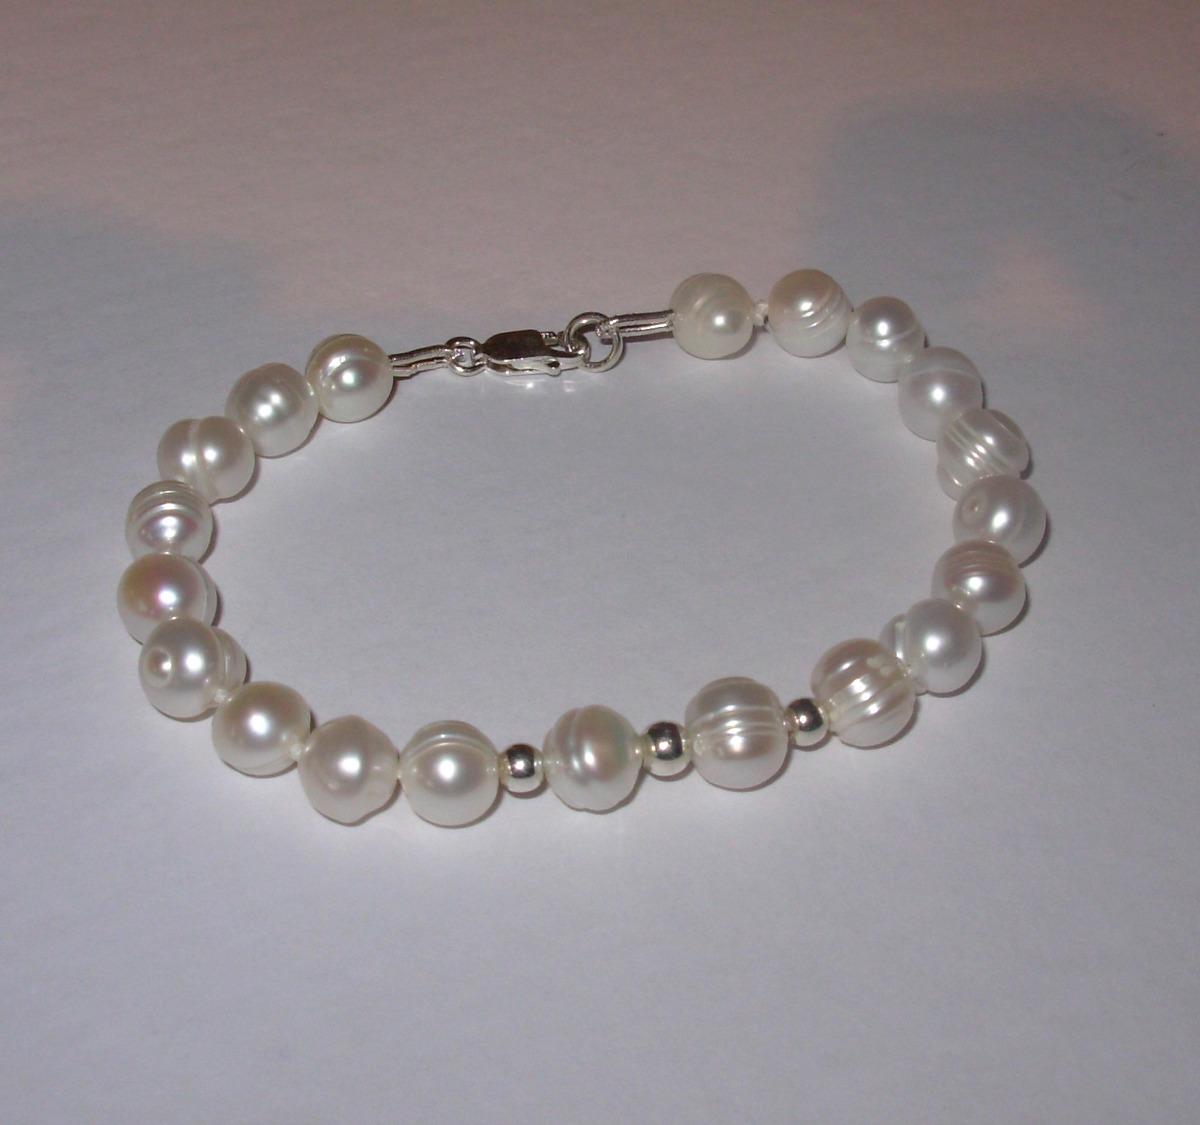 740be05e19d0 pulsera perlas naturales cultivadas y plata pyn. Cargando zoom.